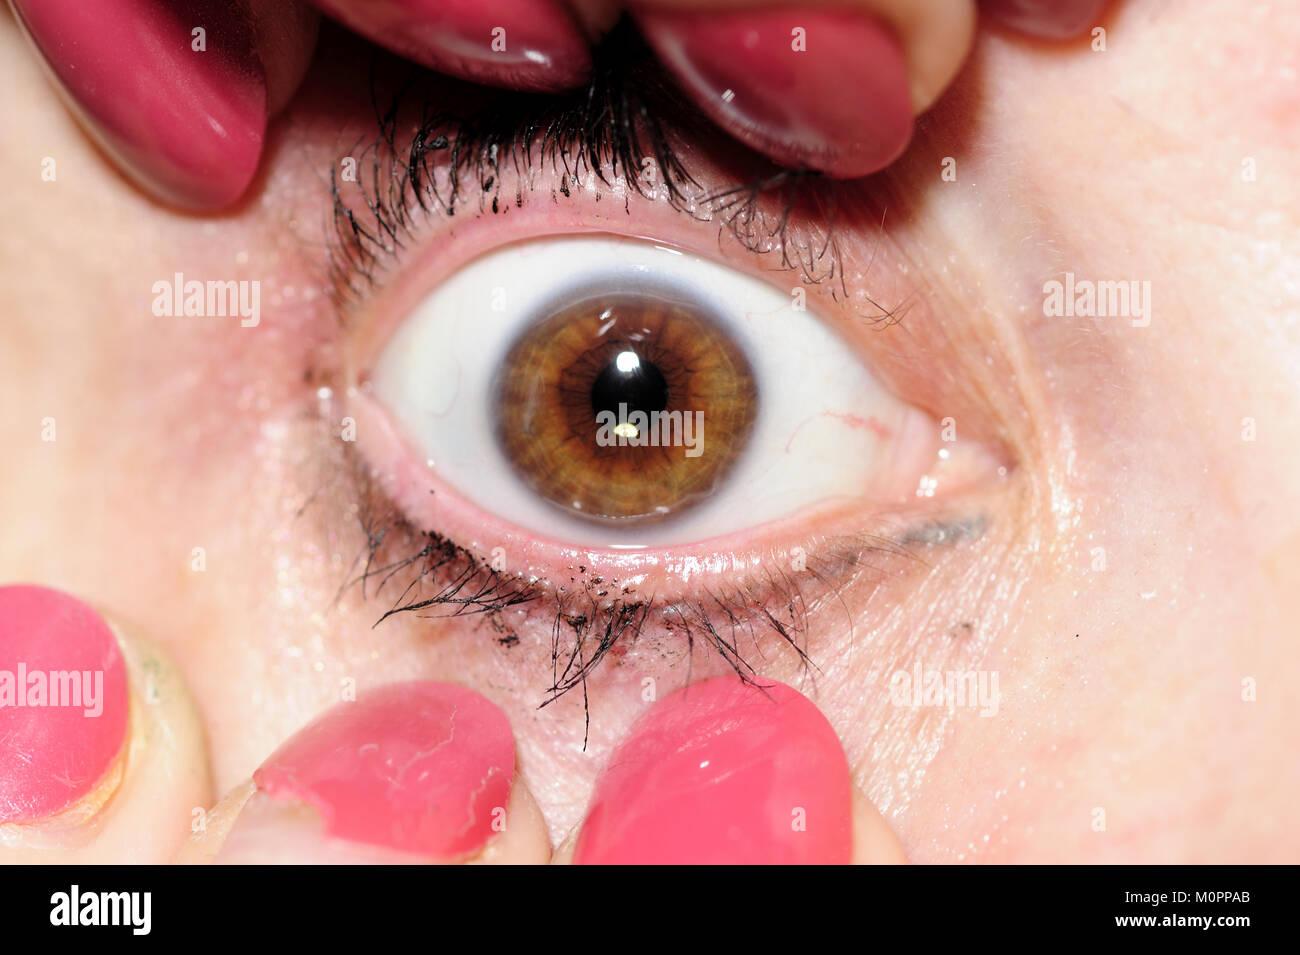 Occhio, eyeball, testato, umane, persone, donne, salute, organo, senso, Immagini Stock